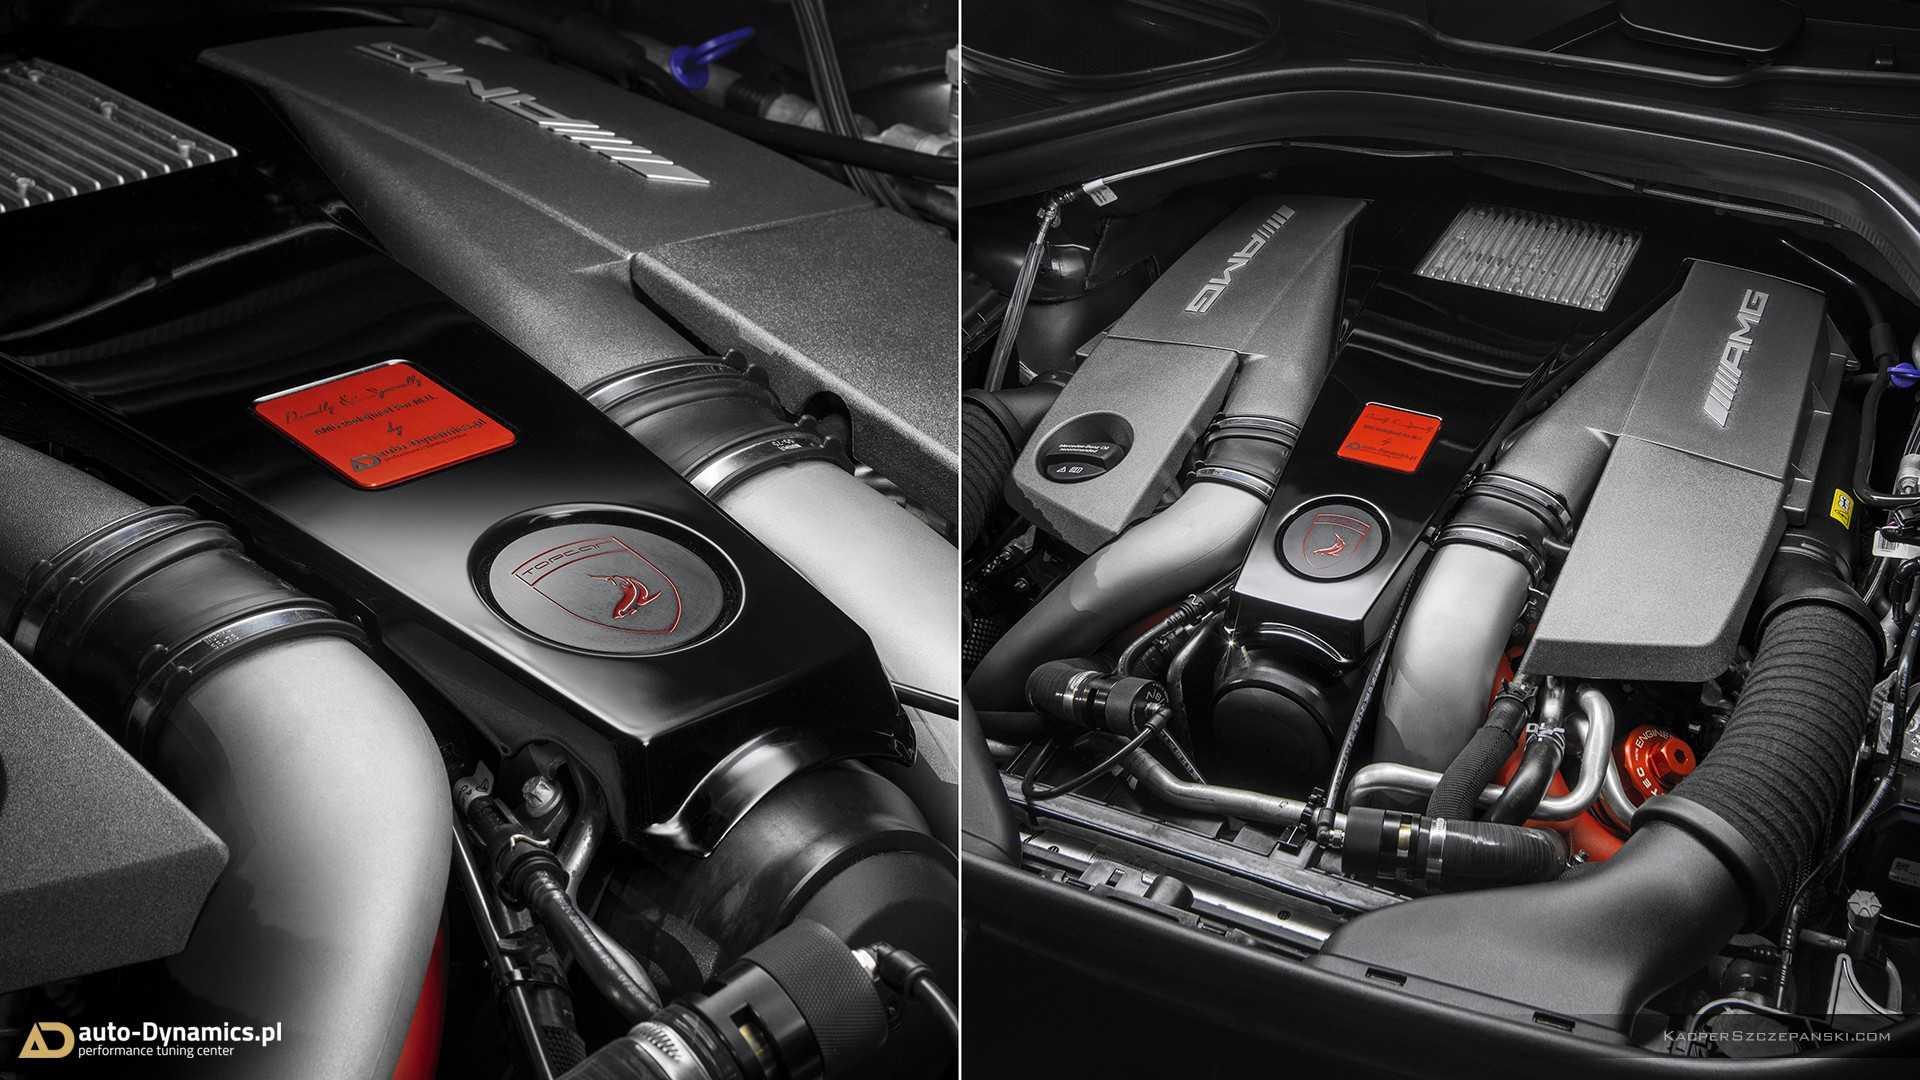 Mercedes-AMG GLE 63 S Coupe превратили в 806-сильного монстра 3